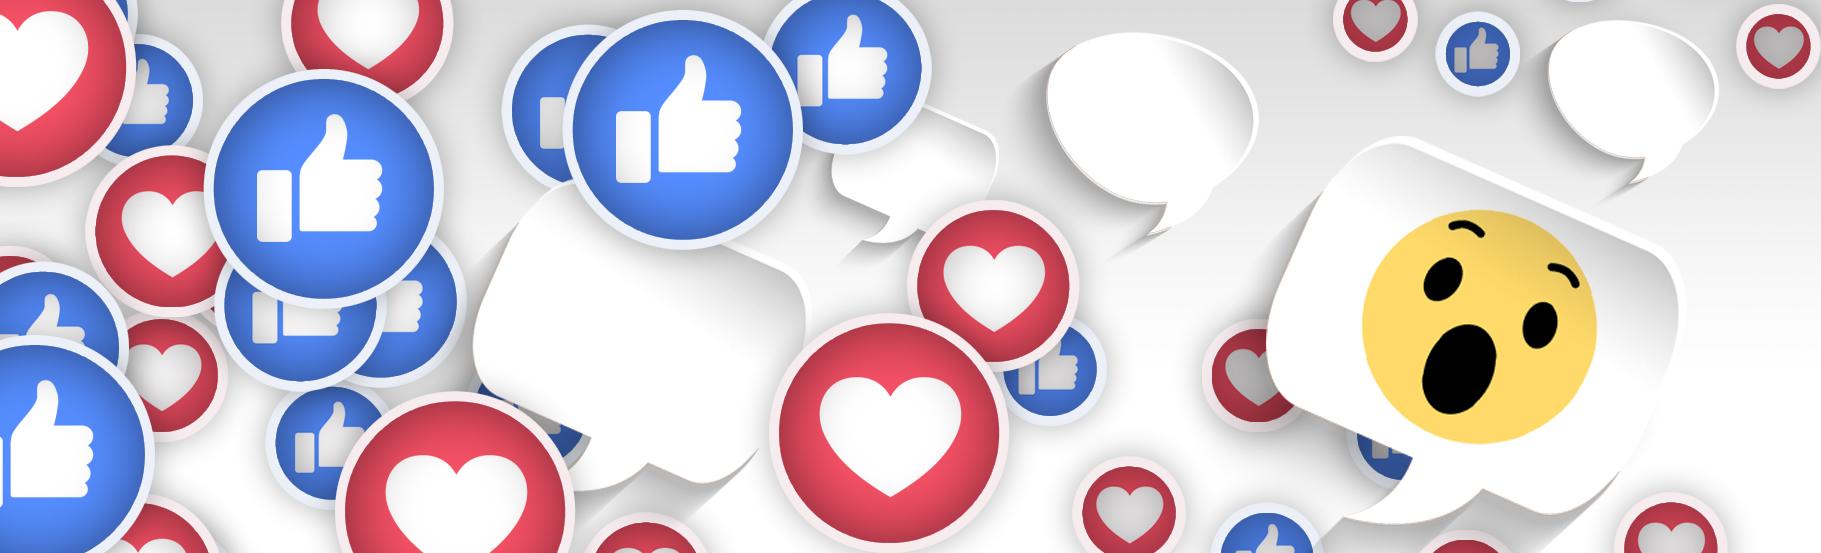 Srca, lajkovi i notifikacije